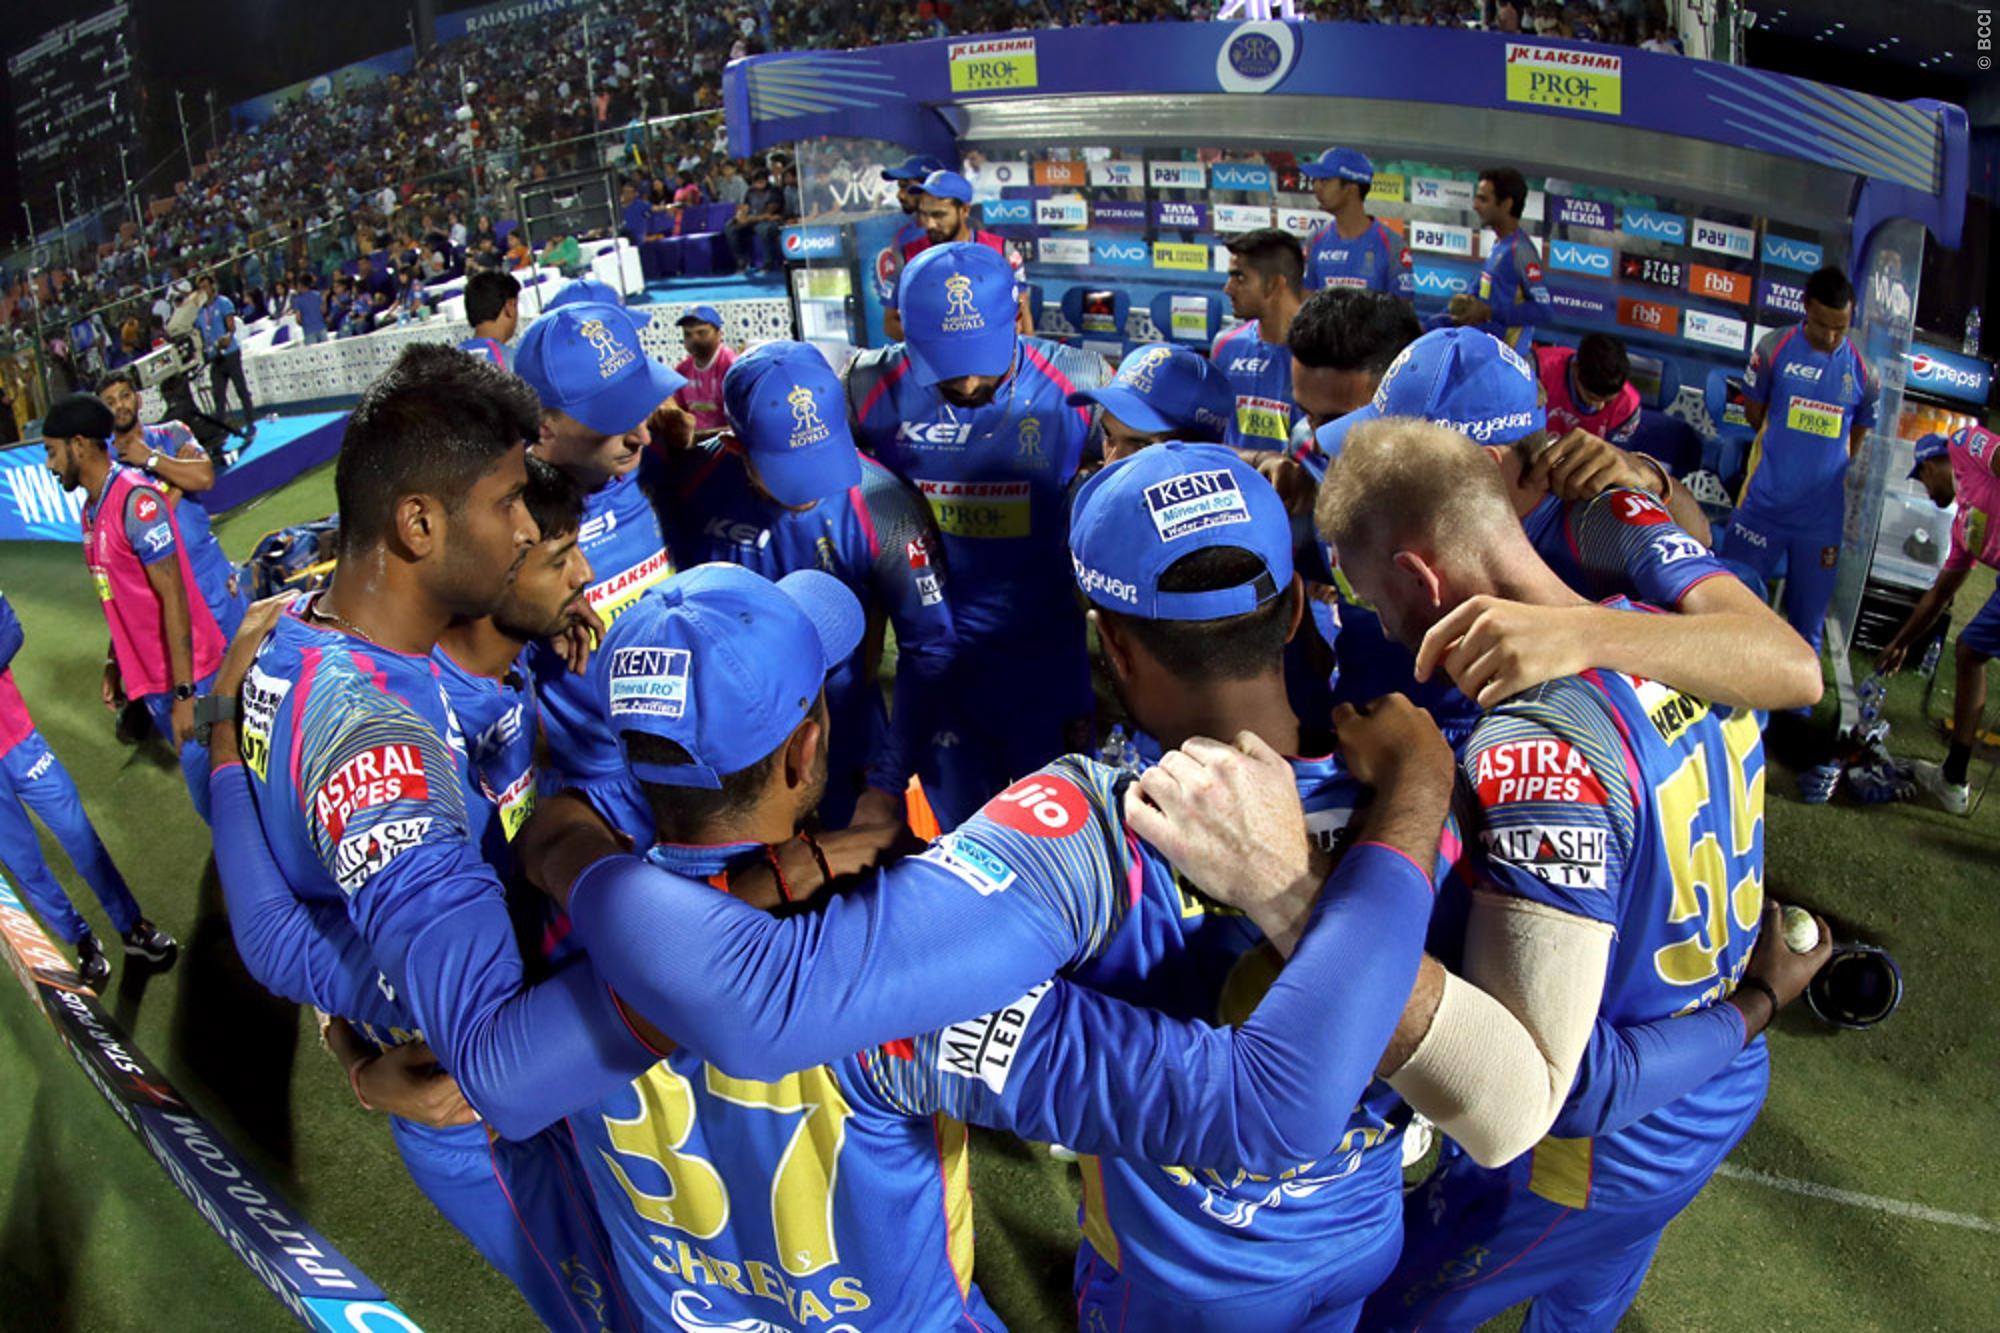 11 मई को चेन्नई सुपर किंग्स के खिलाफ एक अलग अवतार में नजर आएगी राजस्थान रॉयल्स की टीम, वजह जान आपको भी होगा टीम पर गर्व